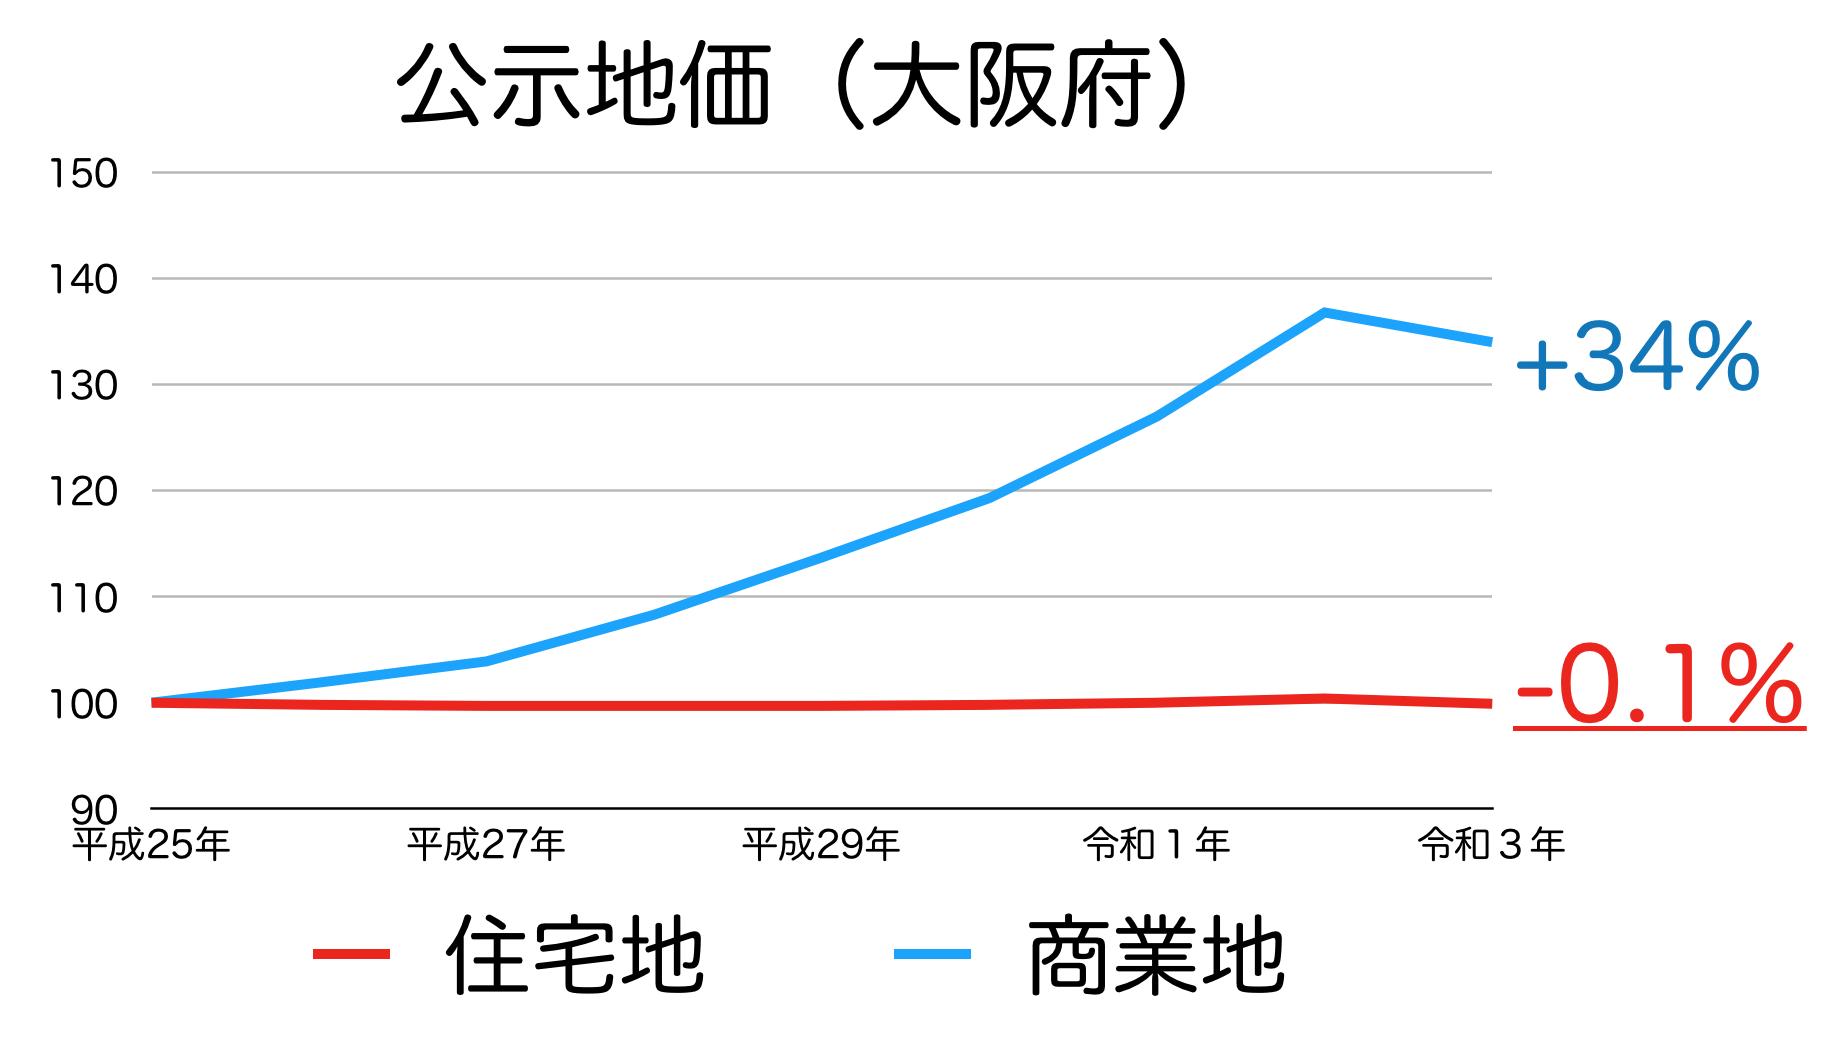 大阪府の公示地価の推移